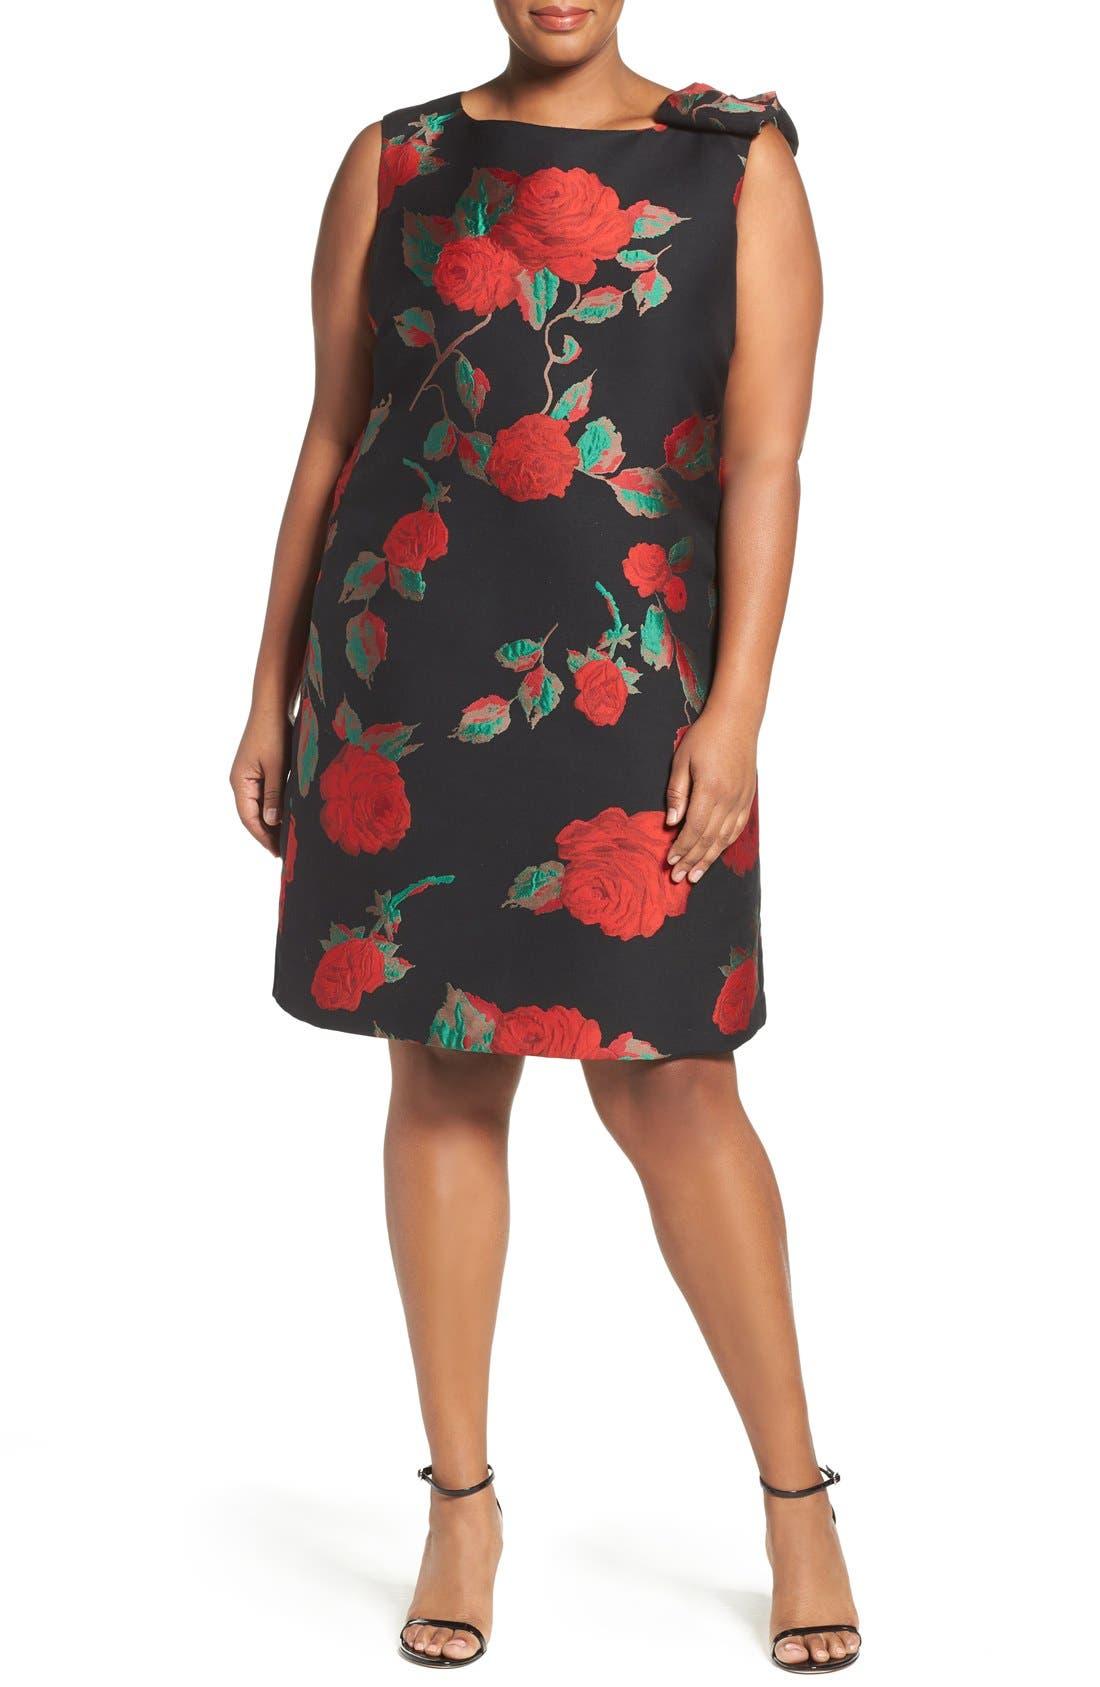 Alternate Image 1 Selected - Tahari Rose Jacquard Shift Dress (Plus Size)